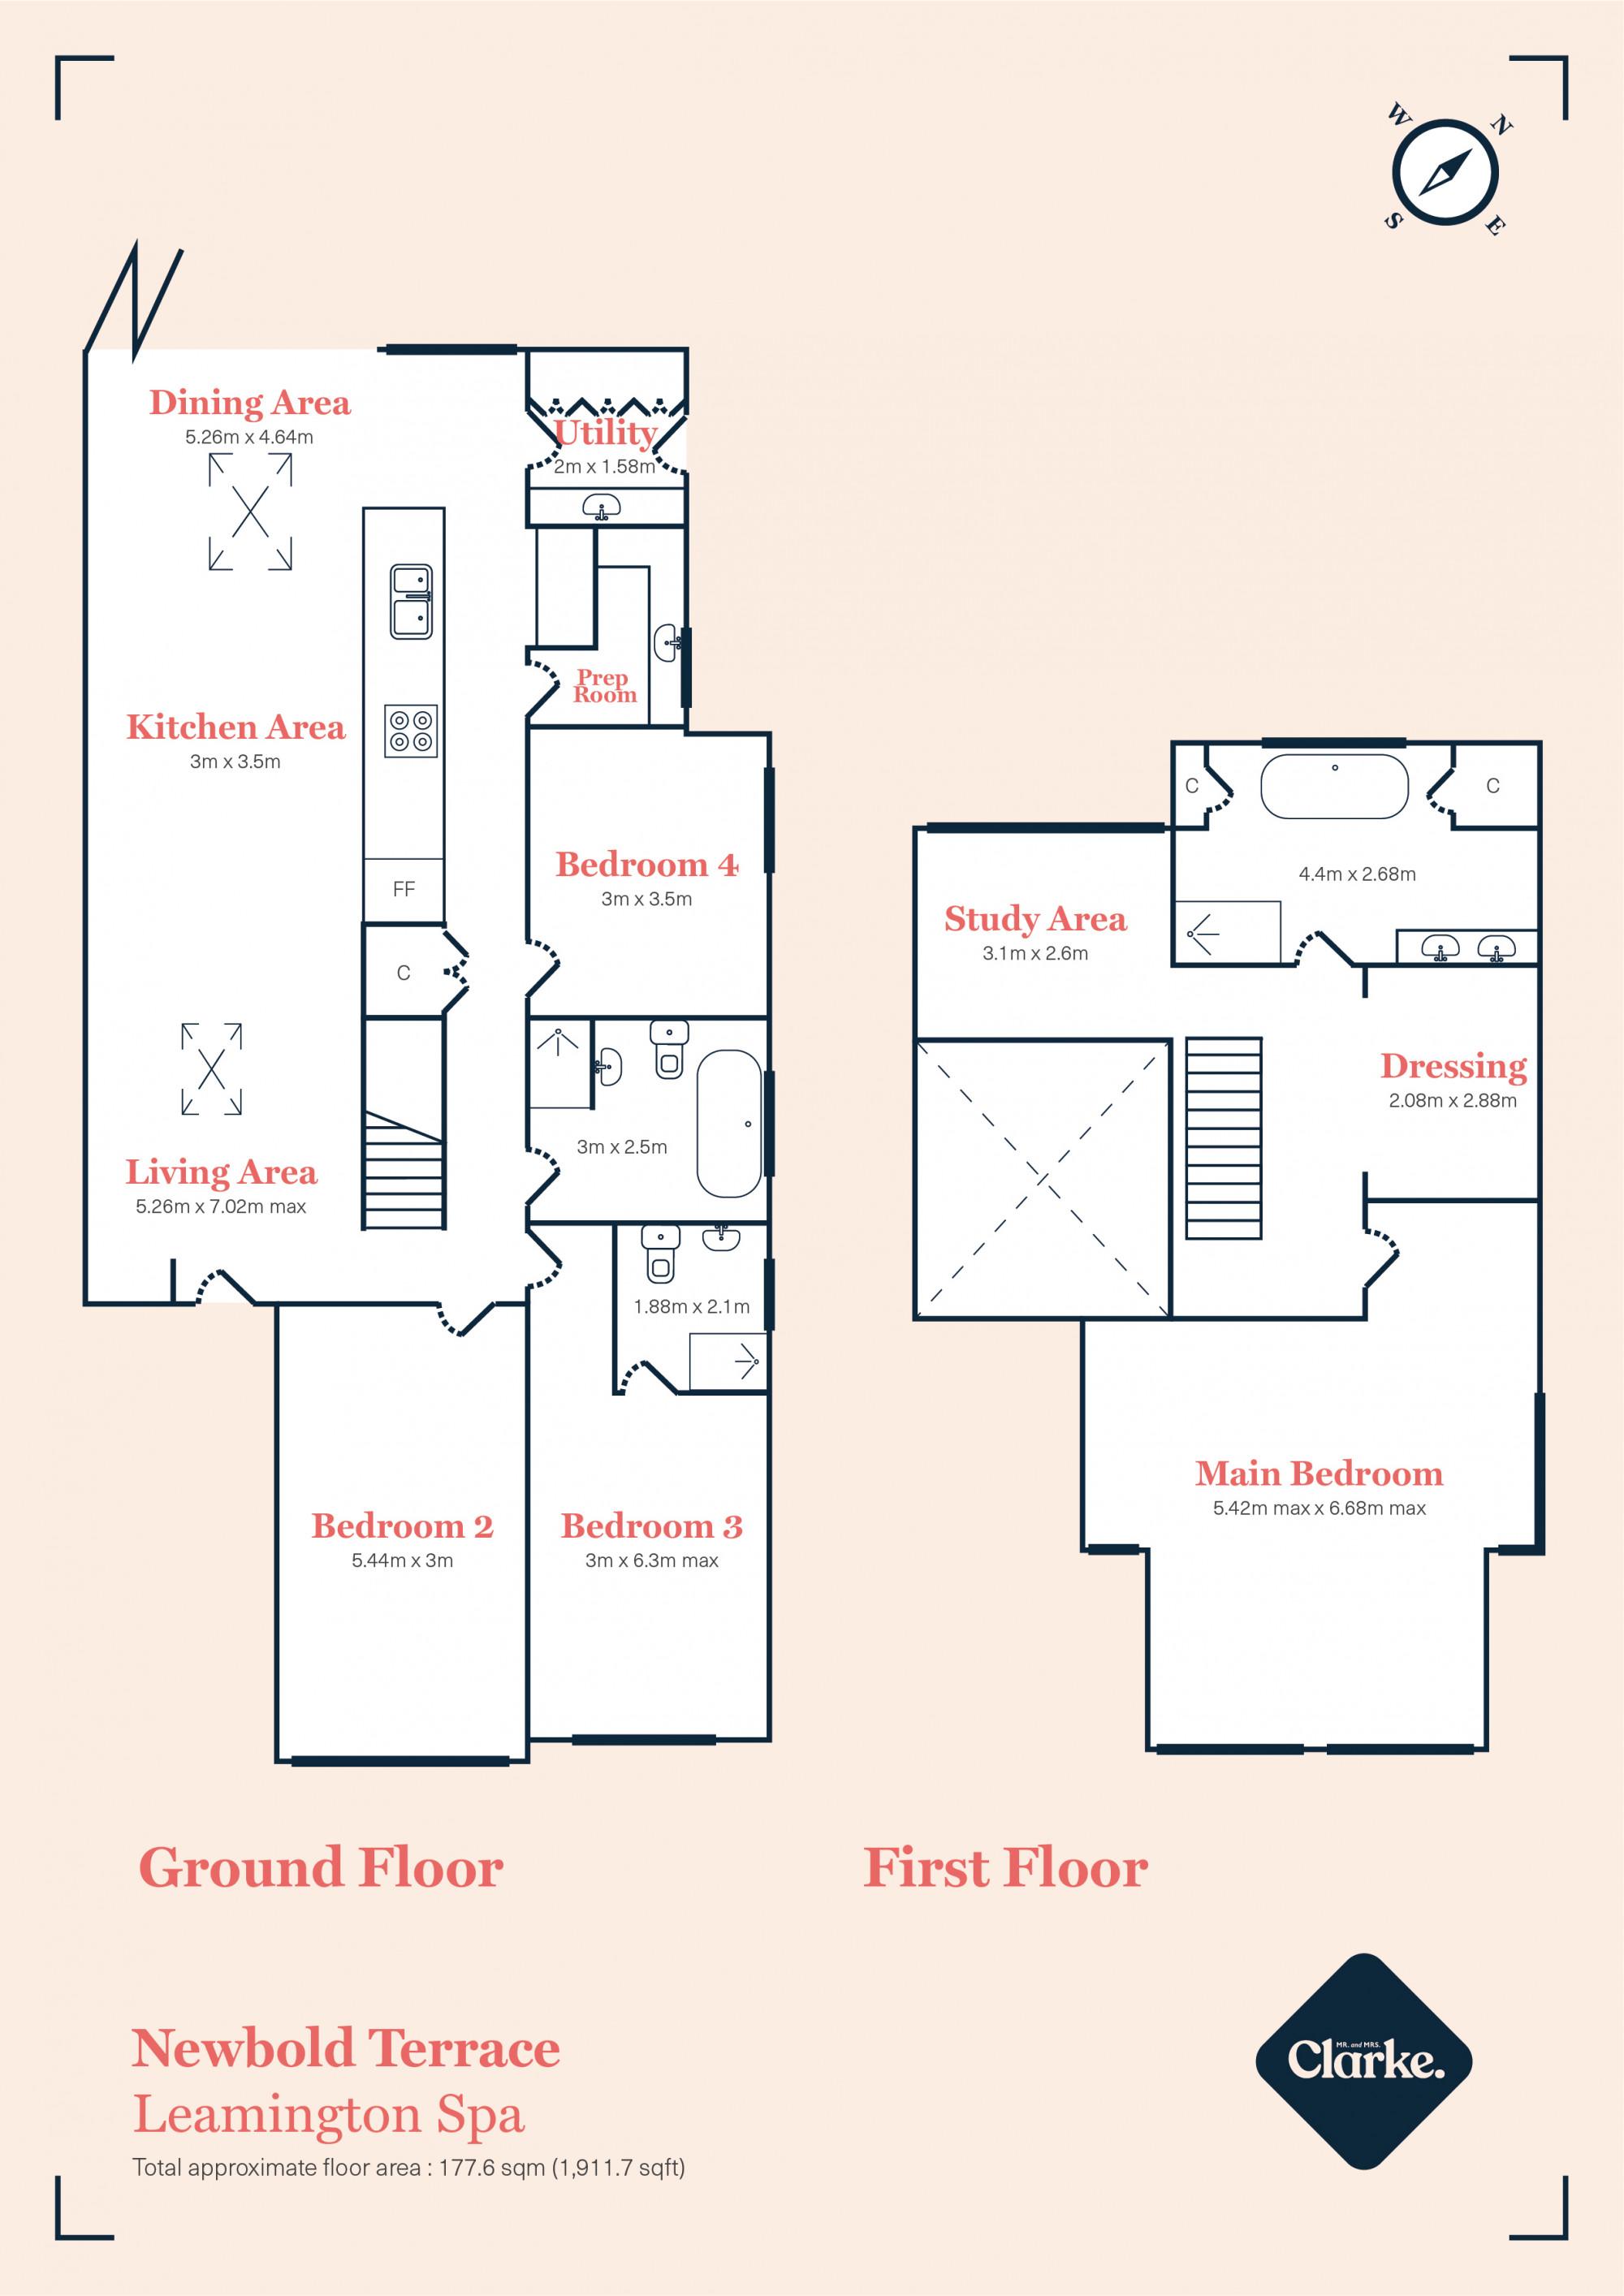 Newbold Terrace East, Leamington Spa. Floorplan.